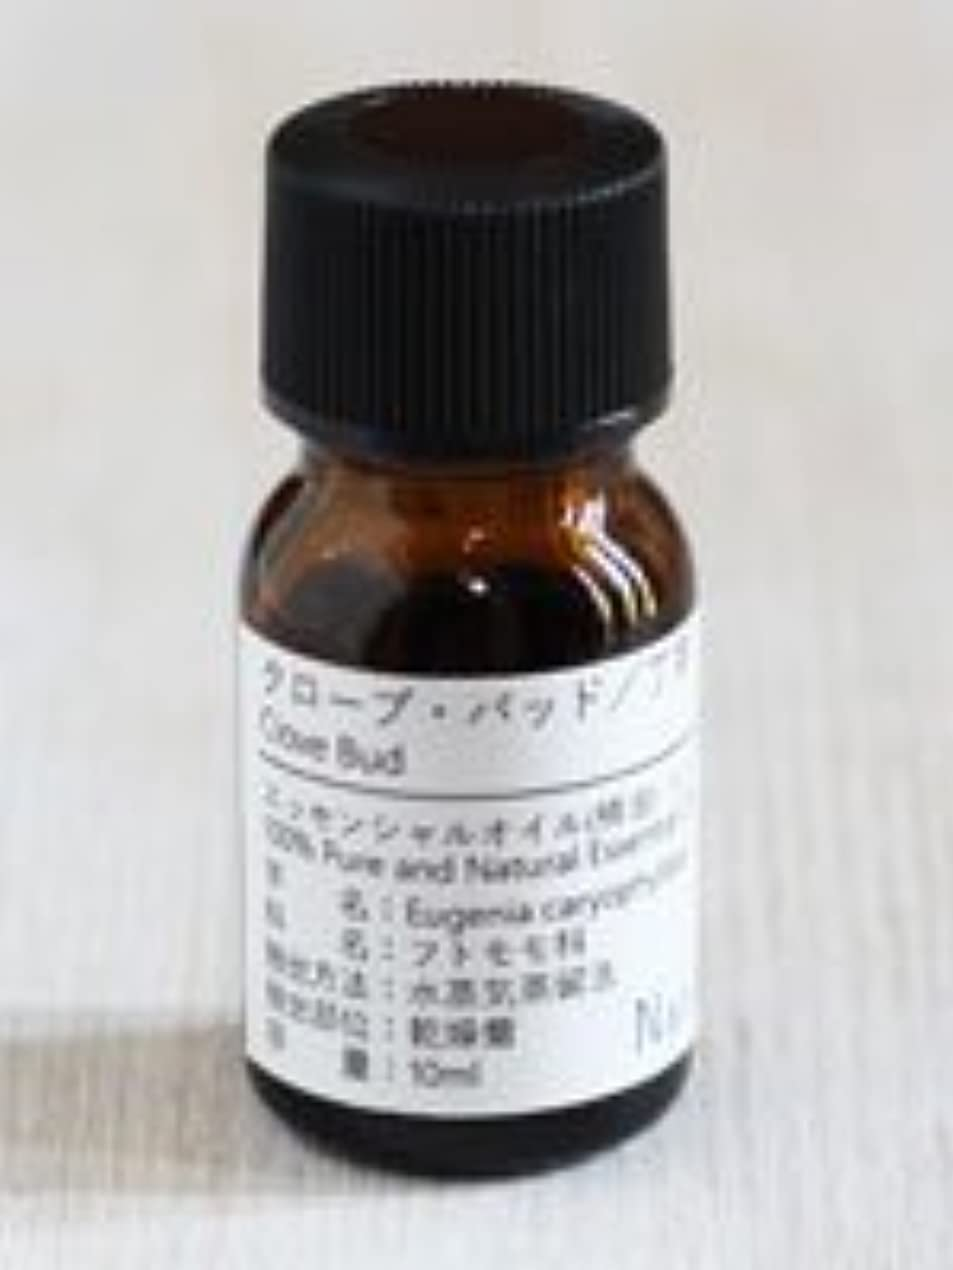 過度に頭サワーNatural蒼 クローブ?バッド/エッセンシャルオイル 精油天然100% (30ml)